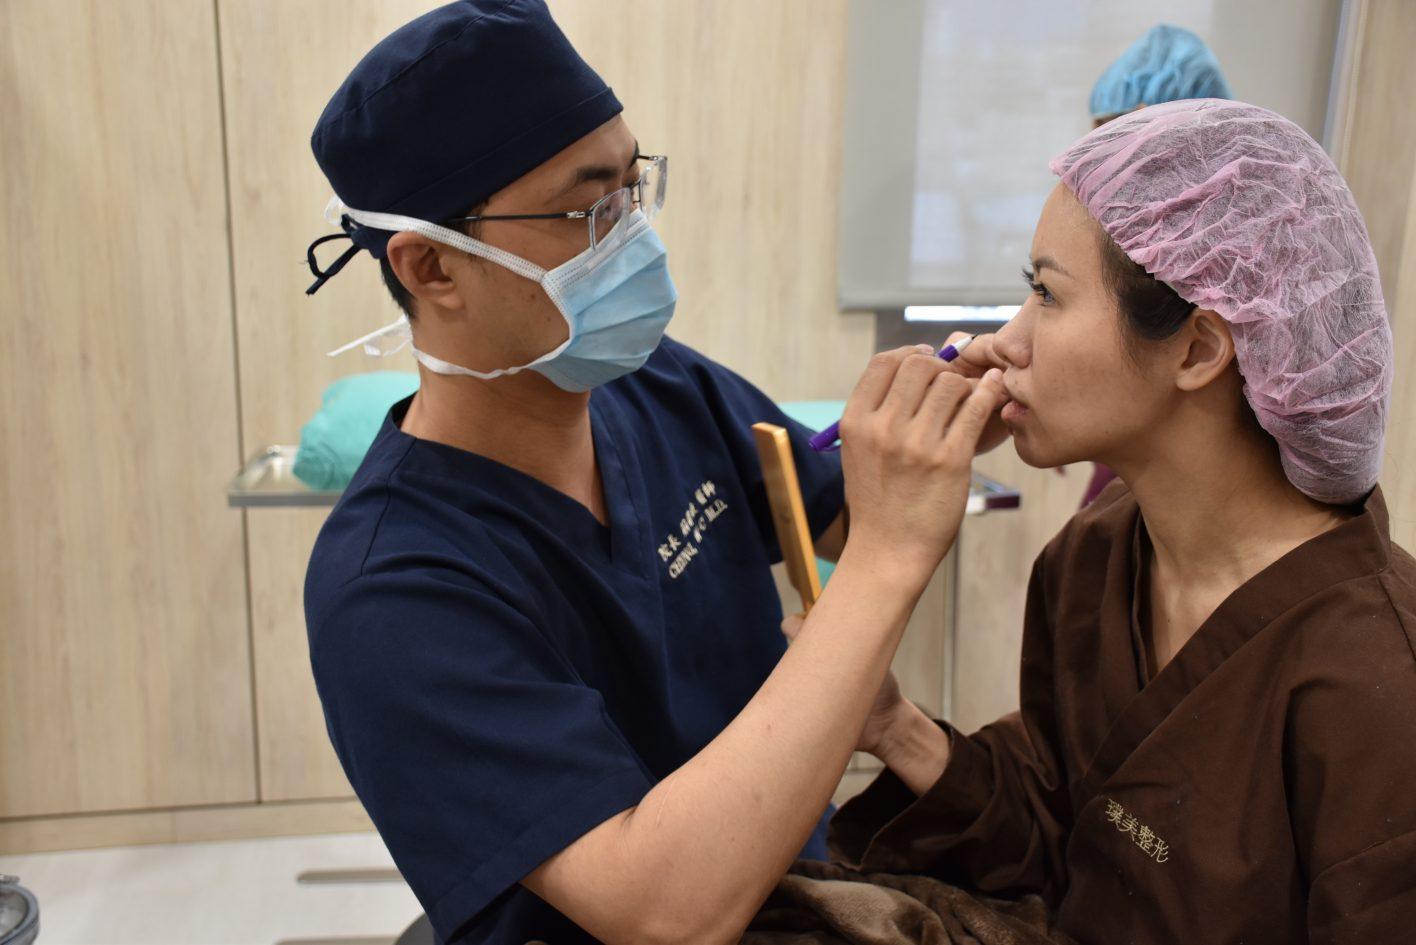 0312021結構式隆鼻手術墊鼻溝槽 3